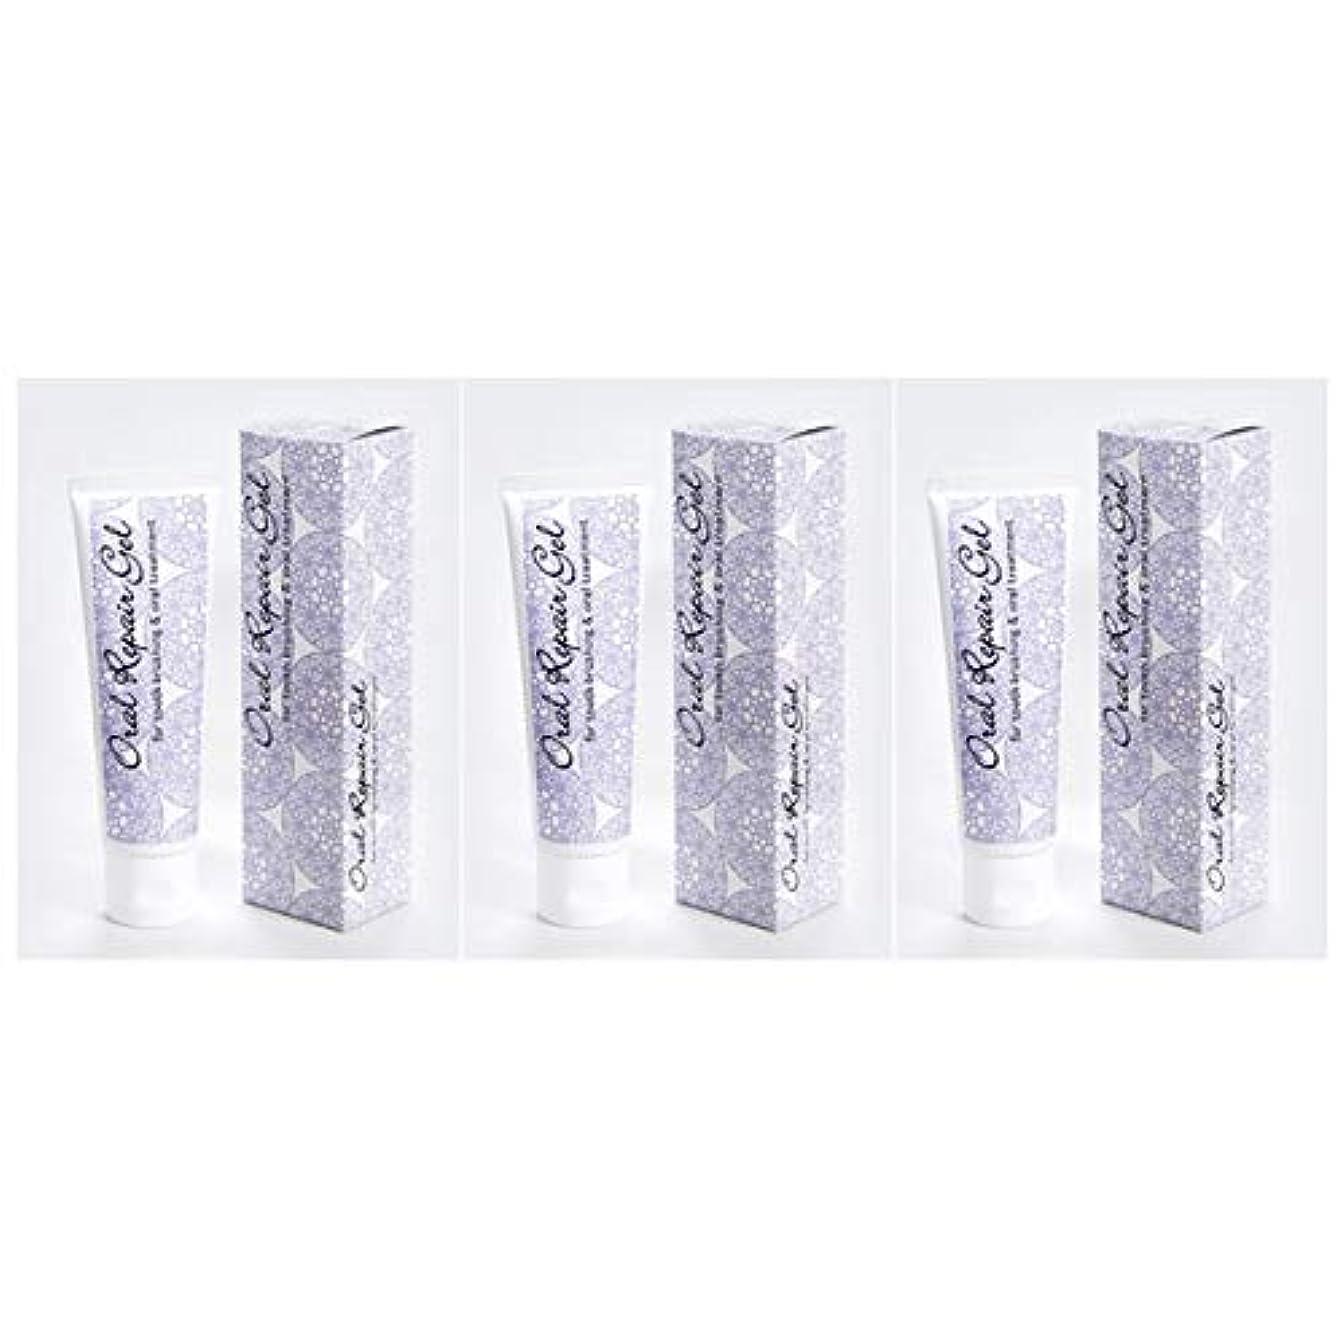 政治家のずんぐりした堂々たるオーラルリペアジェル3個セット(80g×3個) 天然アパタイト+乳酸菌生産物質配合の無添加歯磨き剤